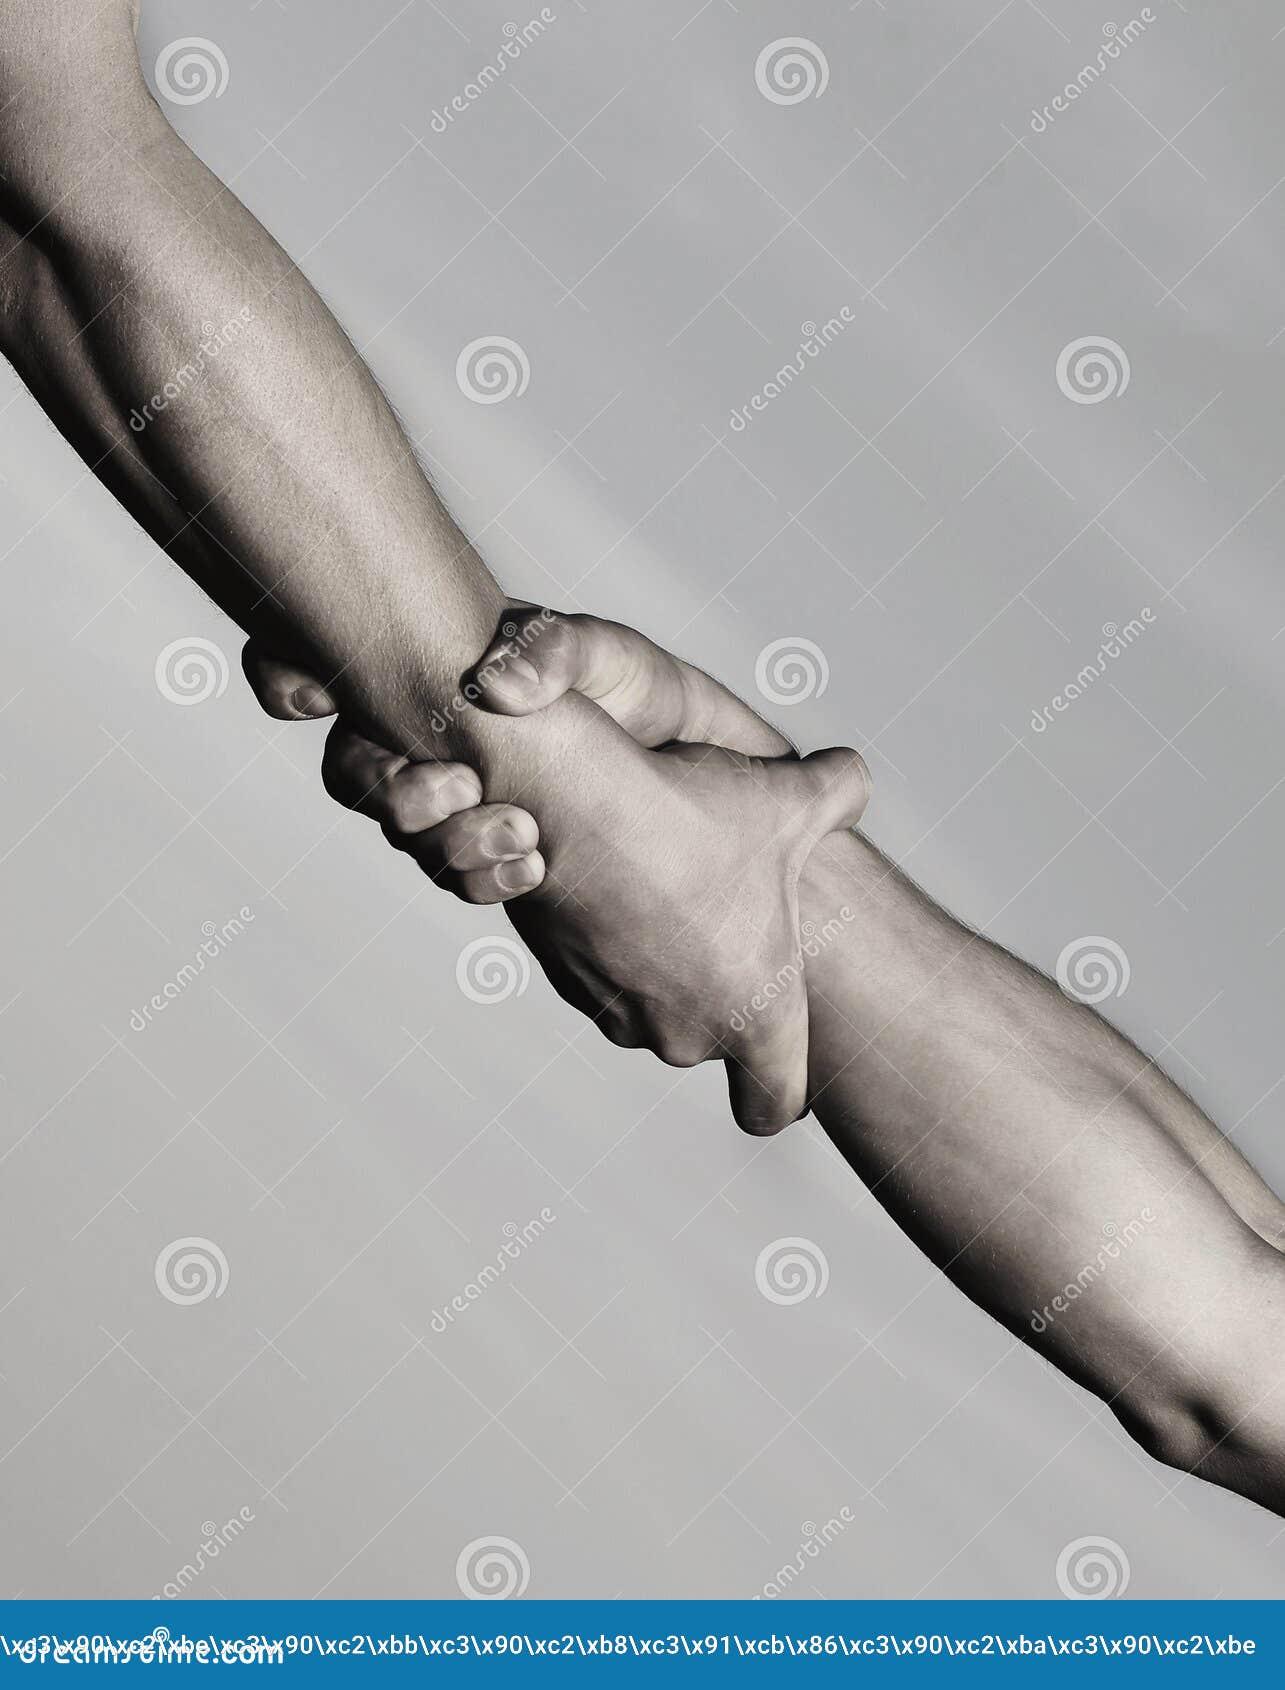 Δύο χέρια, χέρι βοηθείας ενός φίλου Διάσωση, που βοηθά τη χειρονομία ή τα χέρια λαβή ισχυρή Χειραψία, όπλα, φιλία